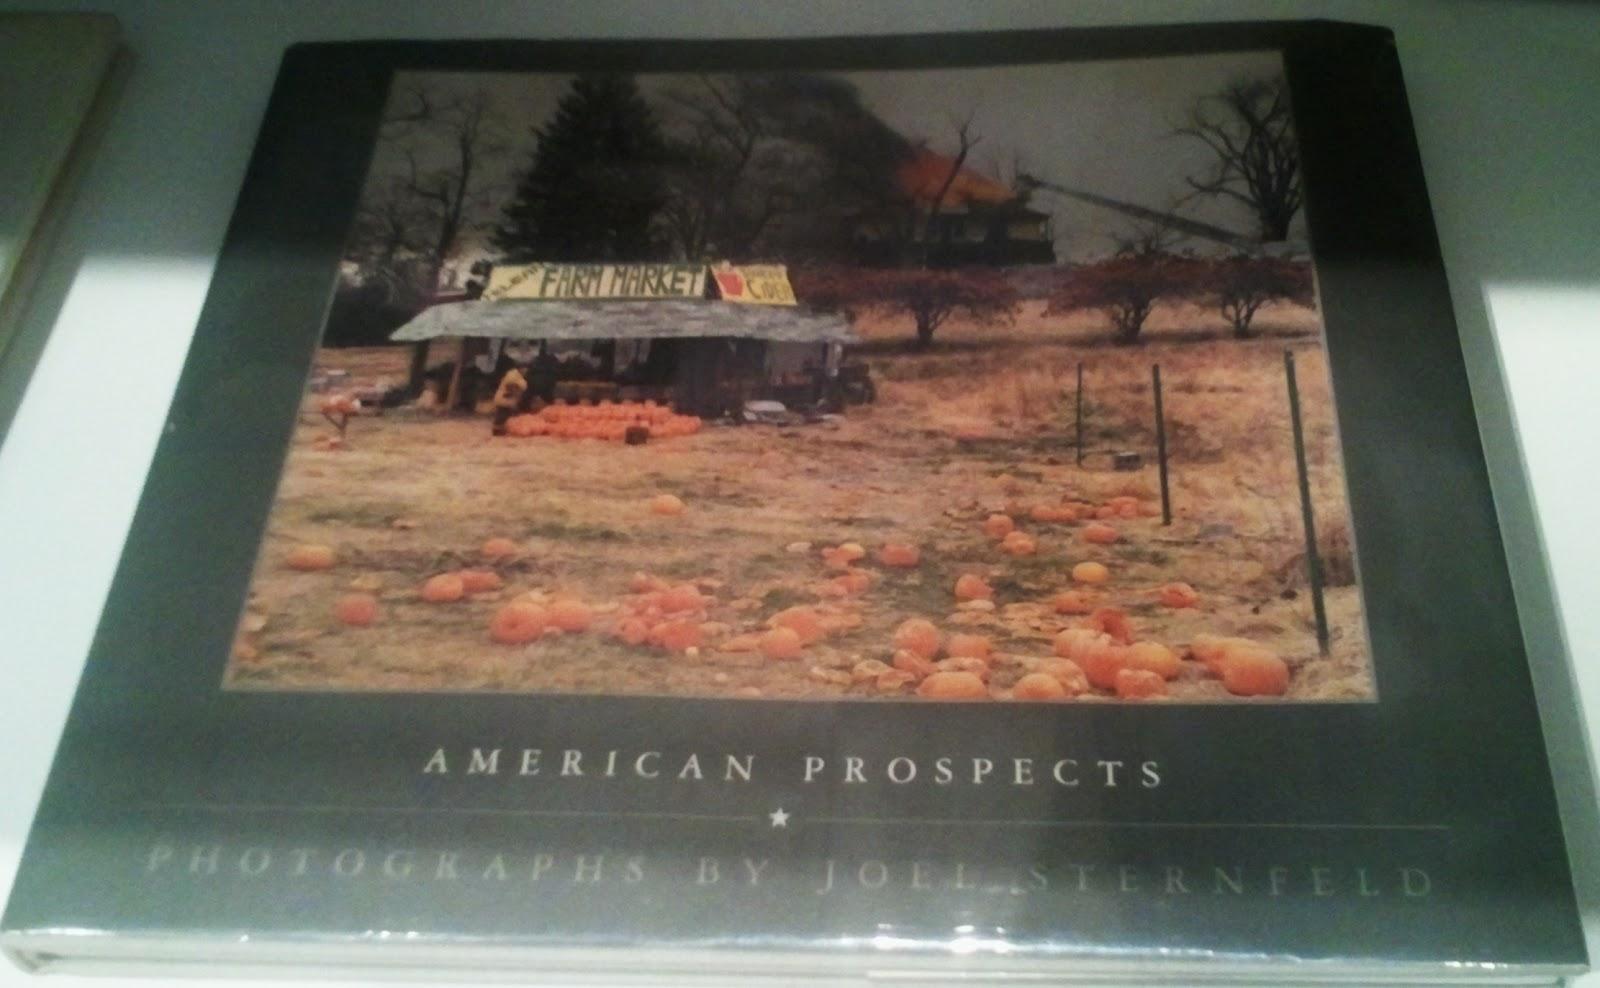 Joel Sternfeld American Prospects Libro American Prospects de Joel